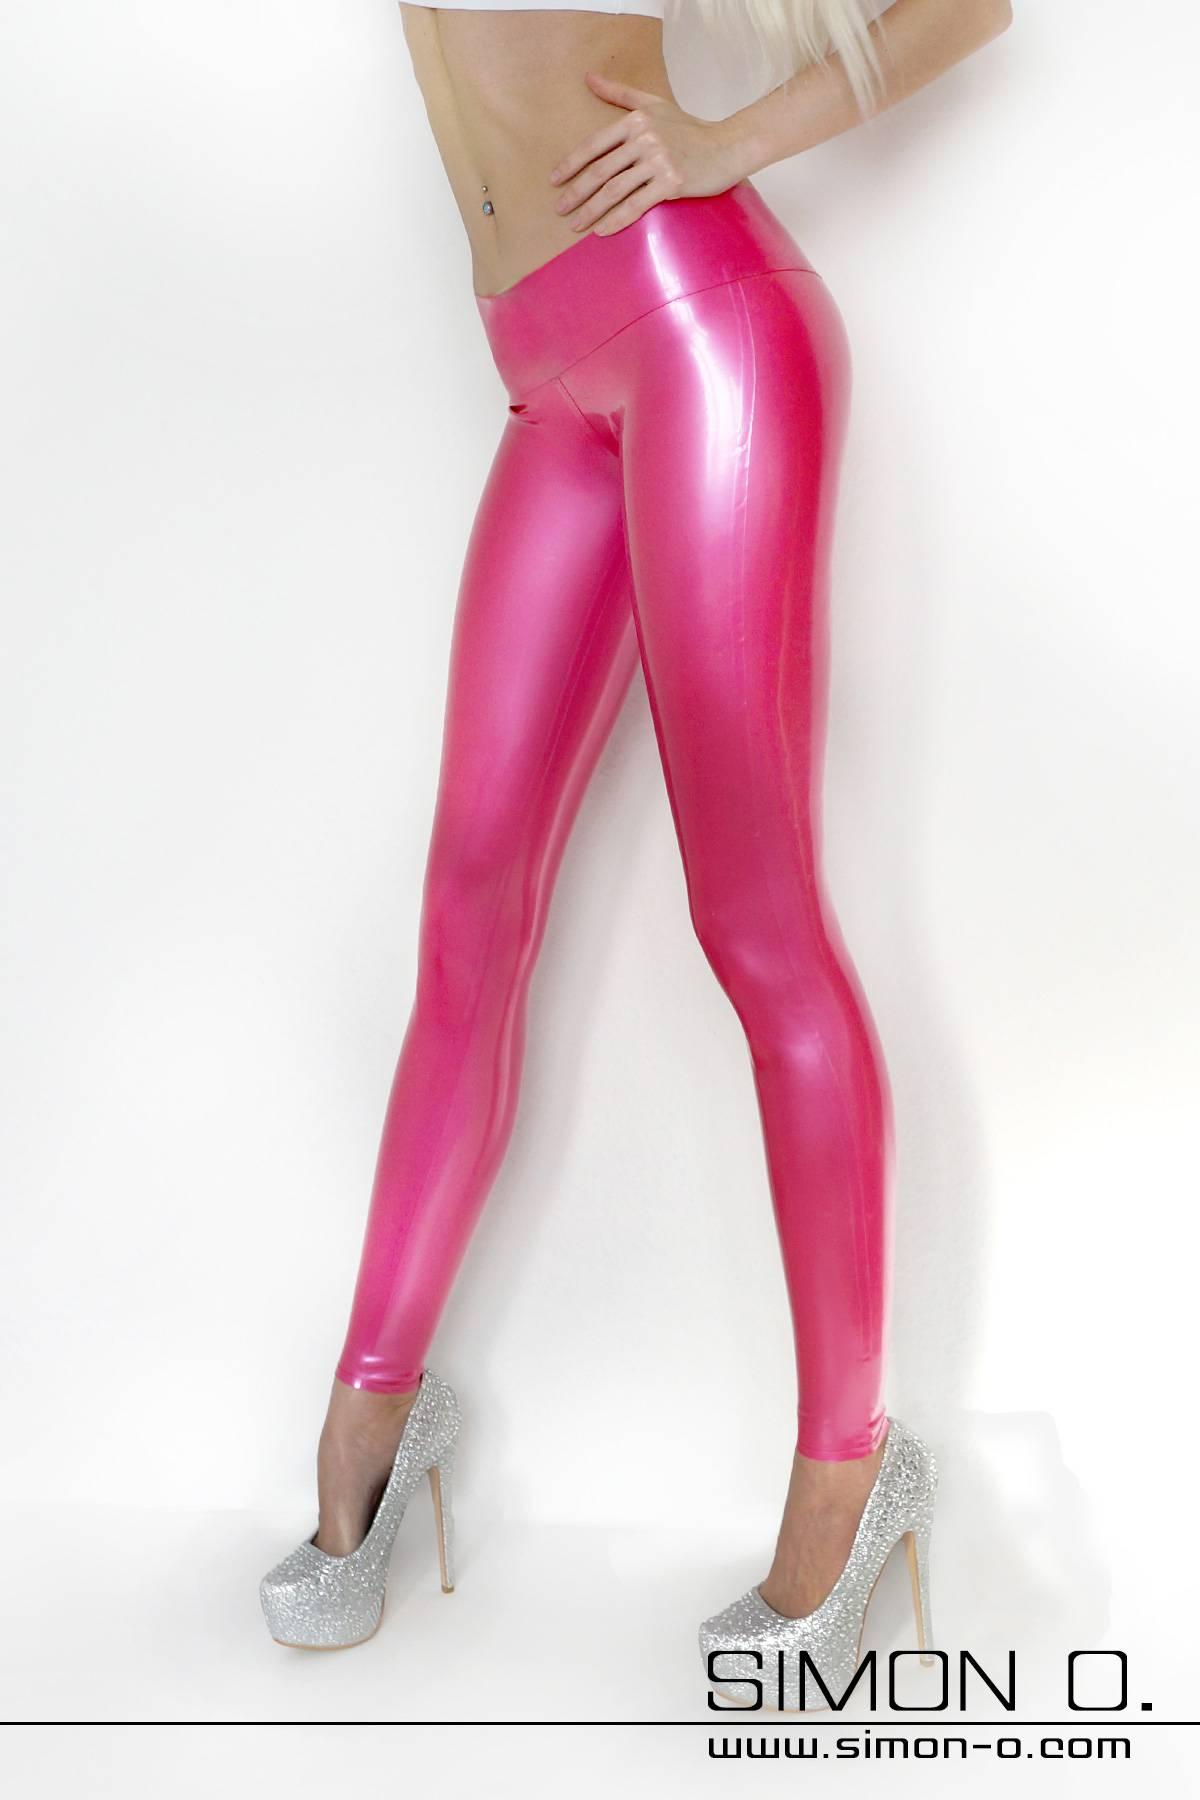 Latex Leggings hüfthoch geschnitten Latex Leggings extrem hüftig geschnitten mit verstärktem hohen Bund und eingerandeten Beinabschlüssen. Als Option ist ein …